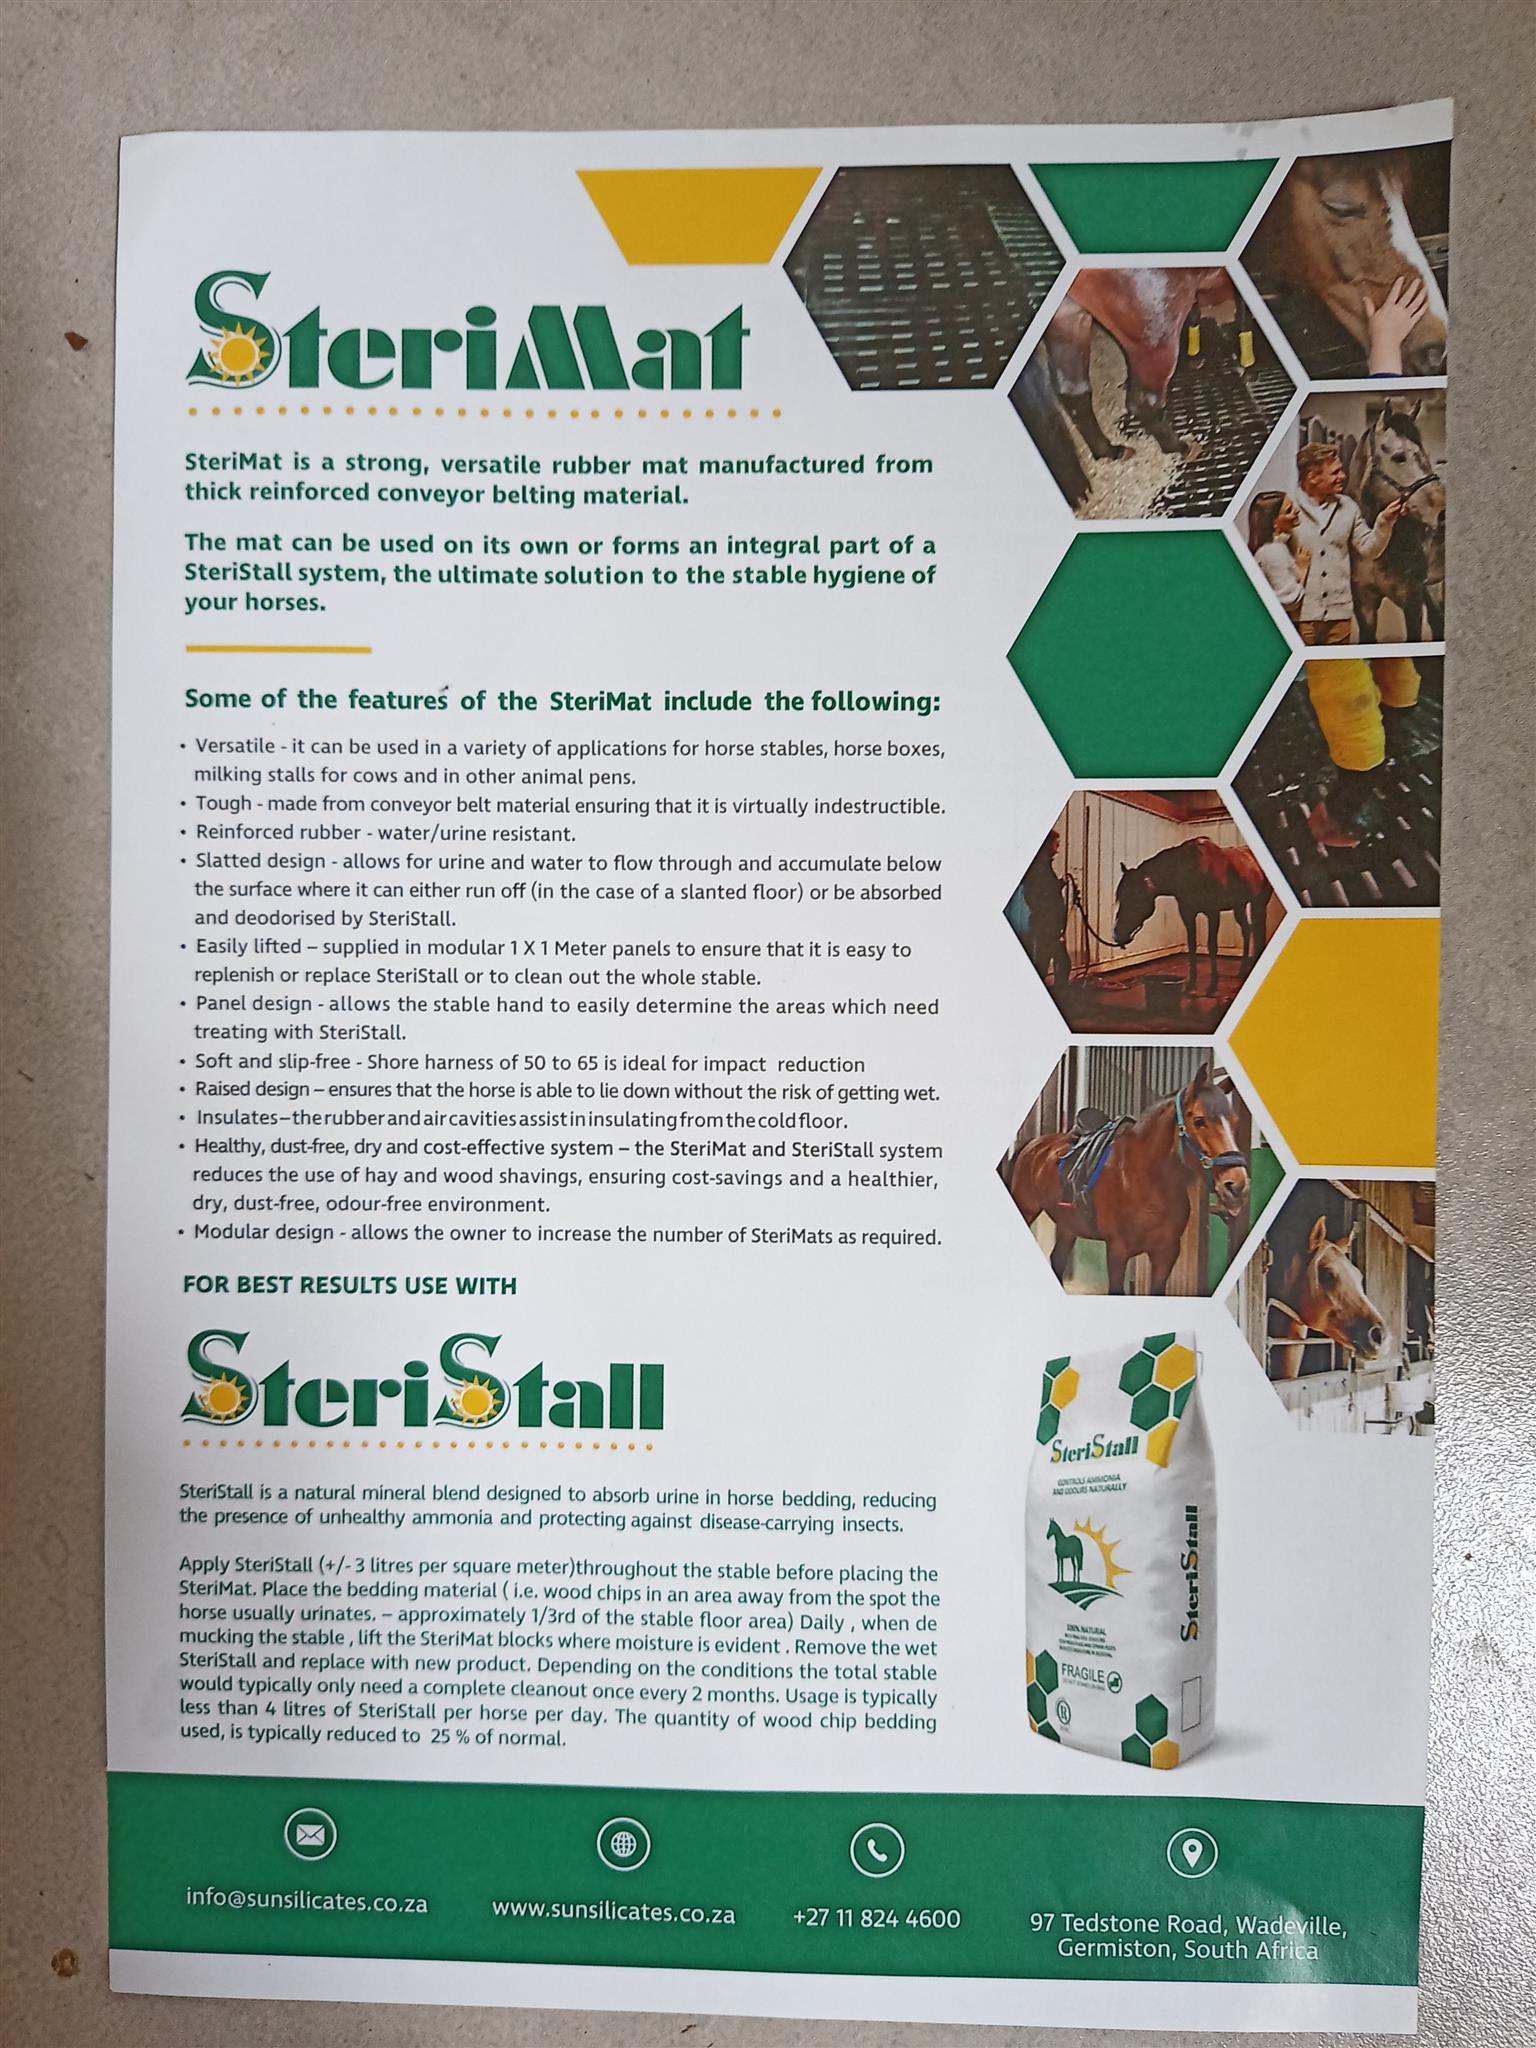 SteriStall & SteriMatt for horses bedding